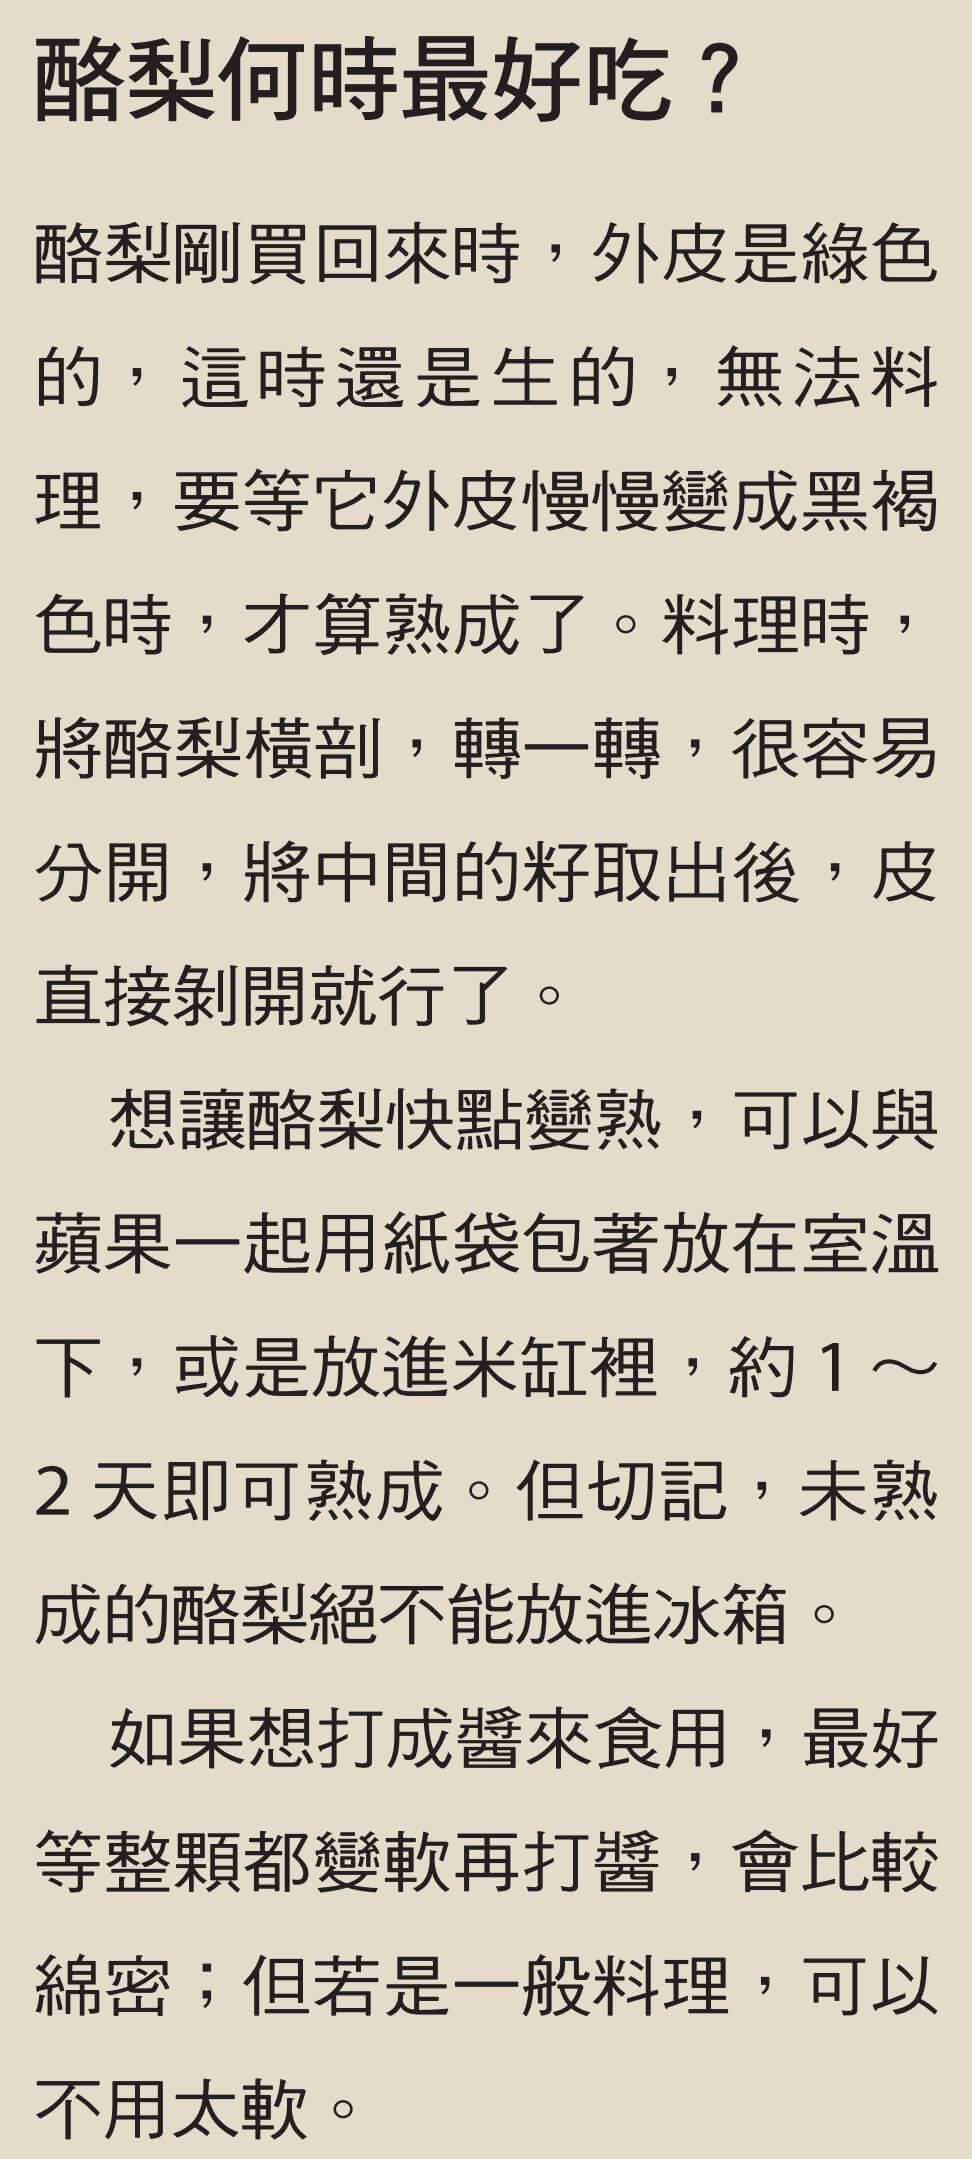 康健特刊 :康健養生帖(秋季號)-補氣潤肺2016